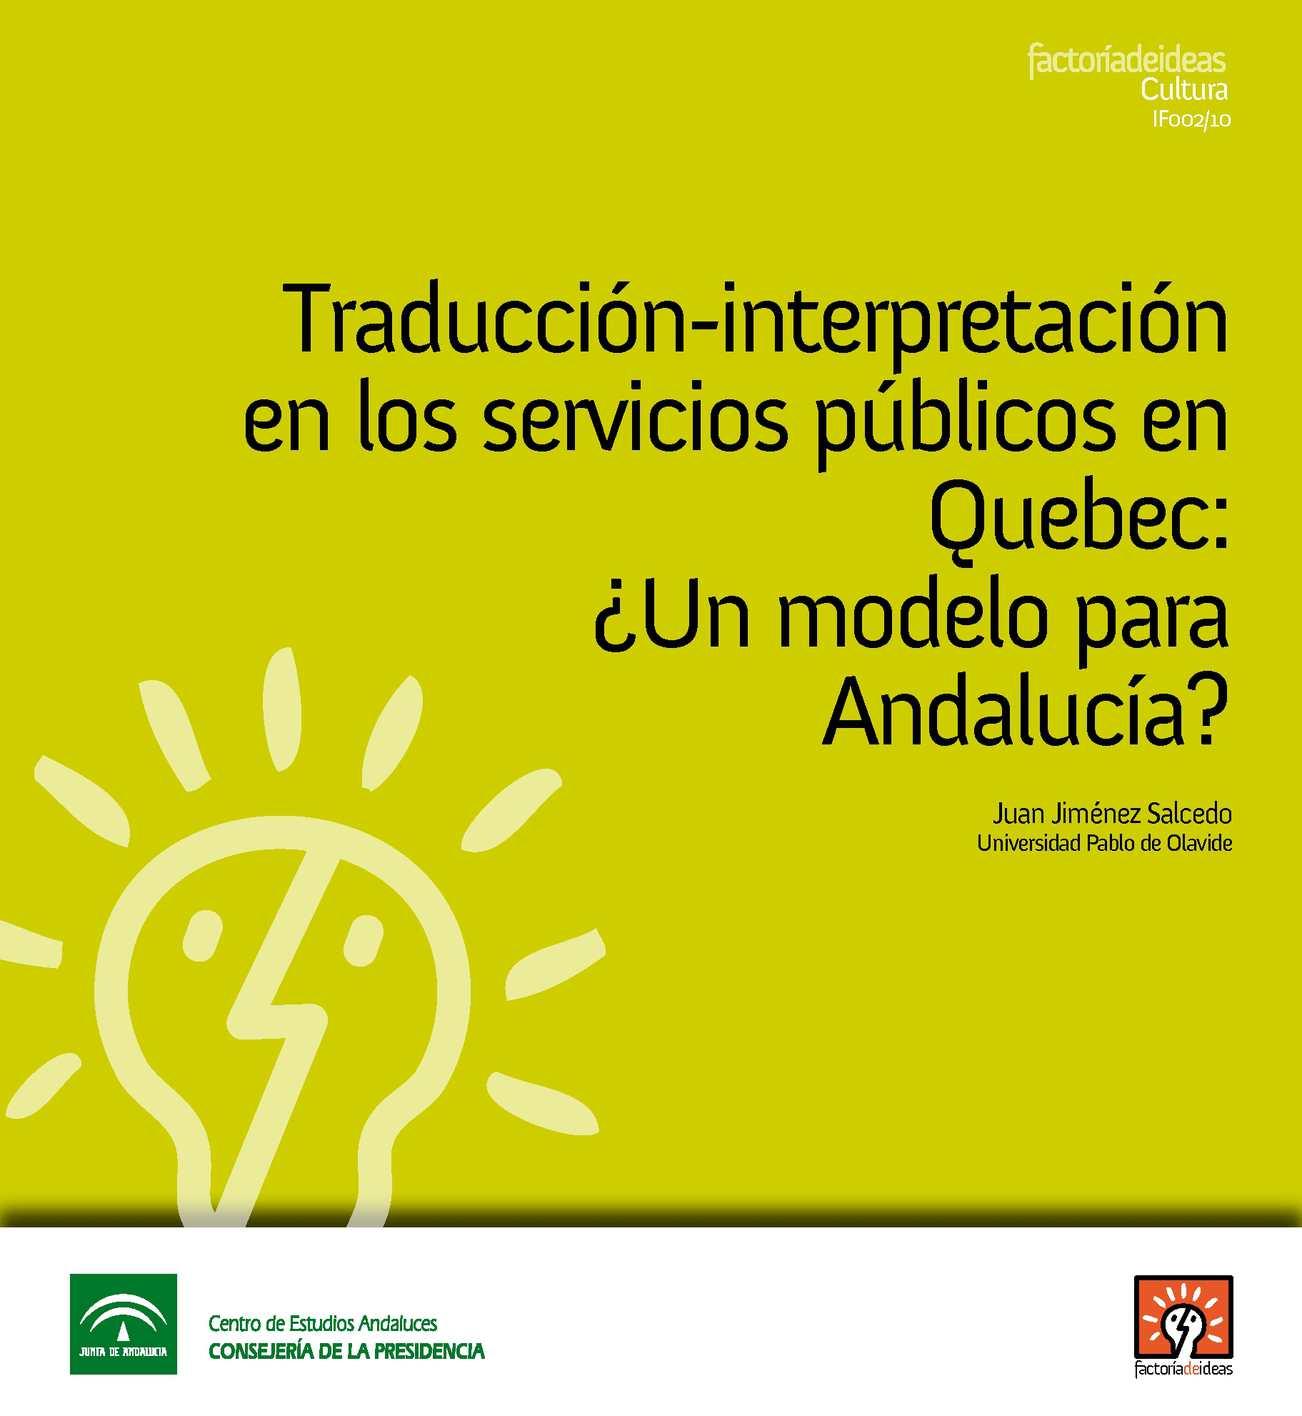 Calaméo - Juan Jiménez Salcedo, Traducción-interpretación en los ...